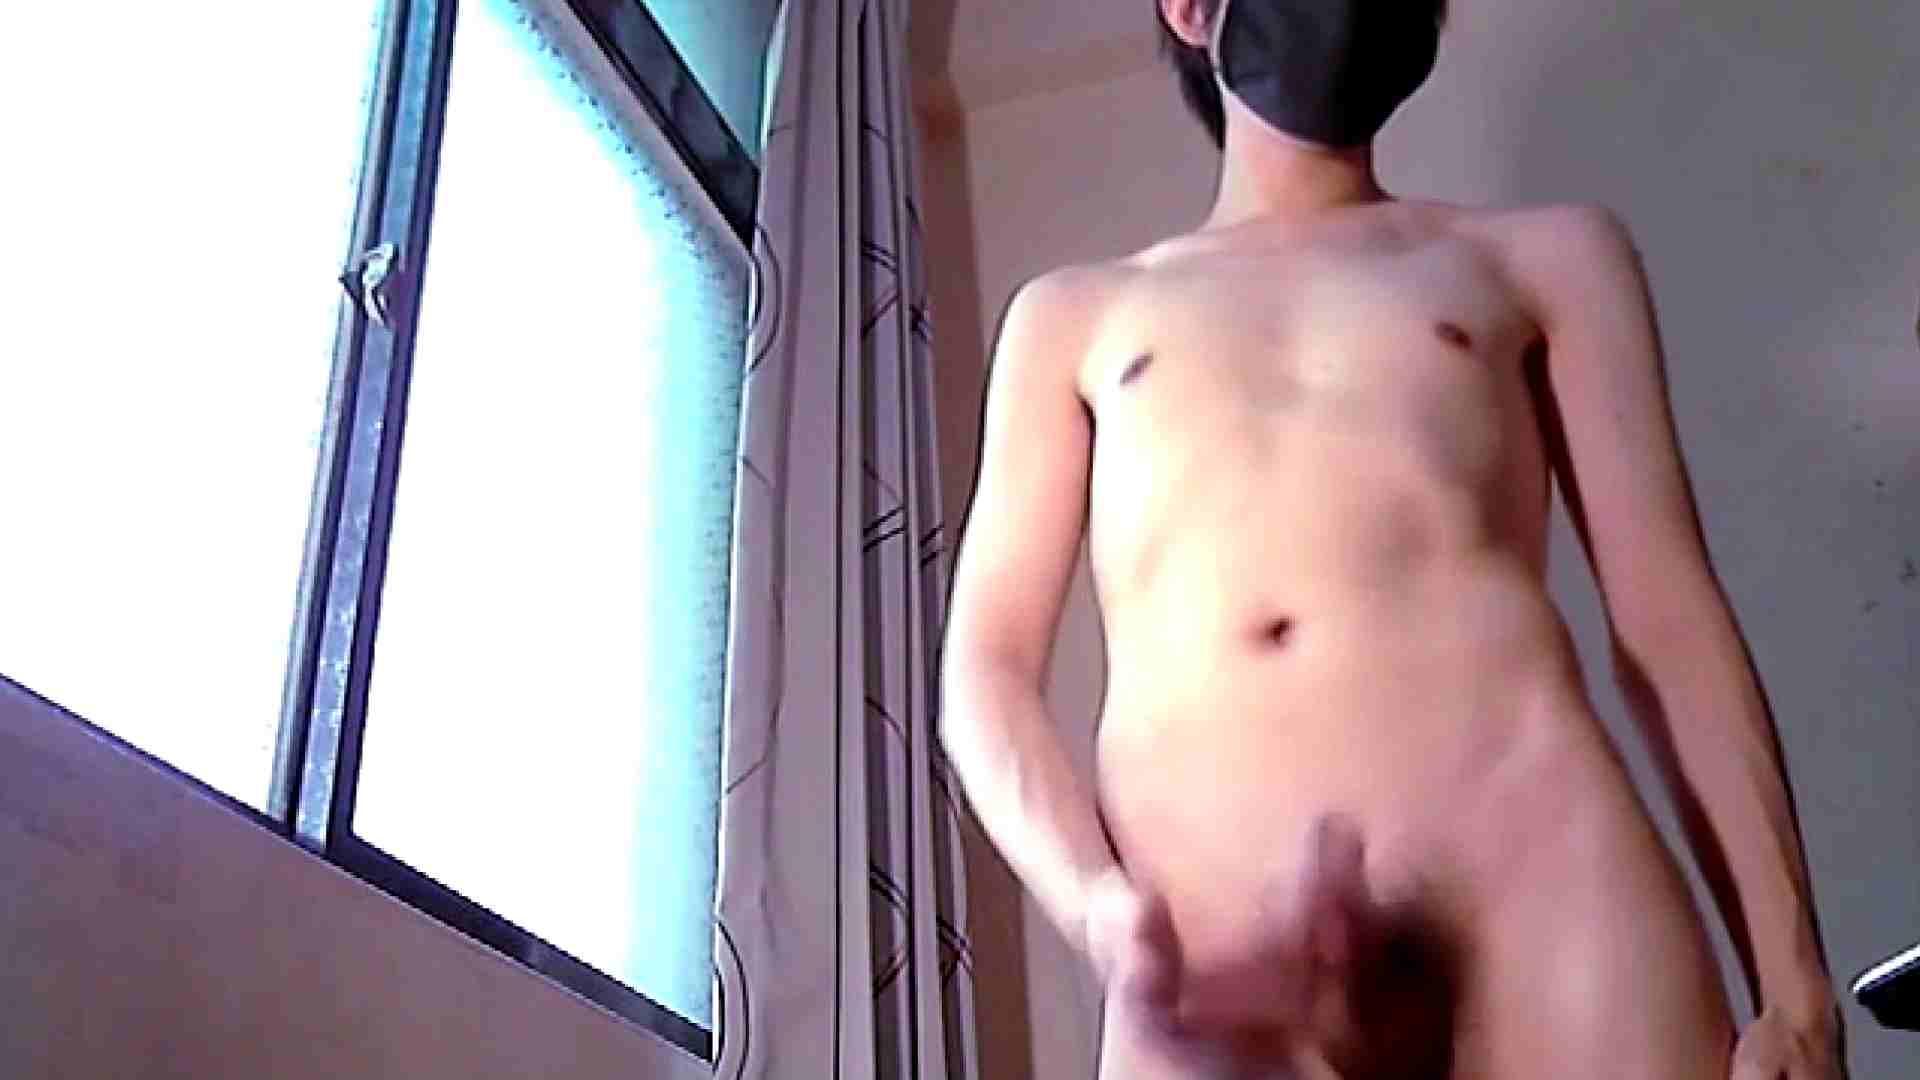 ぎゃんかわ男子のはれんちオナニー  vol.05 オナニー アダルトビデオ画像キャプチャ 108枚 7